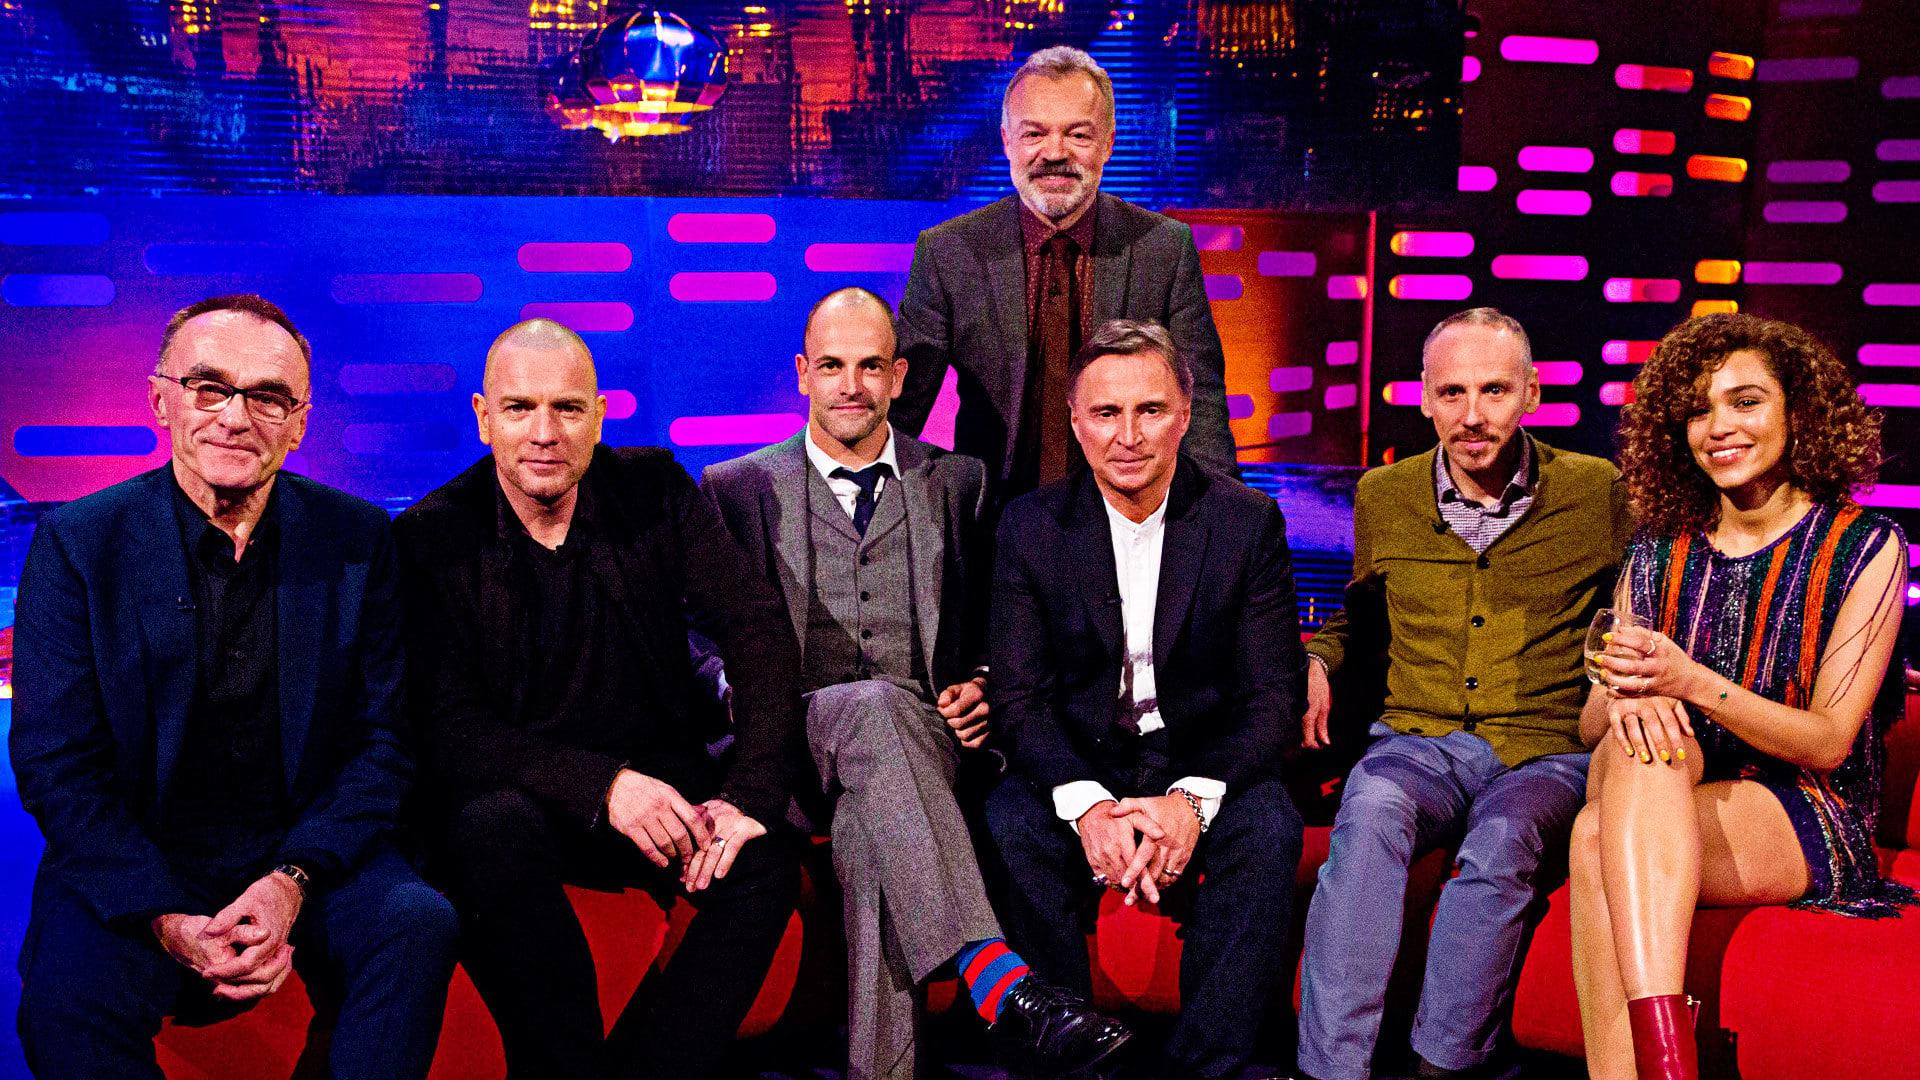 The Graham Norton Show Season 20 :Episode 15  Danny Boyle, Ewan McGregor, Jonny Lee Miller, Robert Carlyle, Ewen Bremner and Izzy Bizu